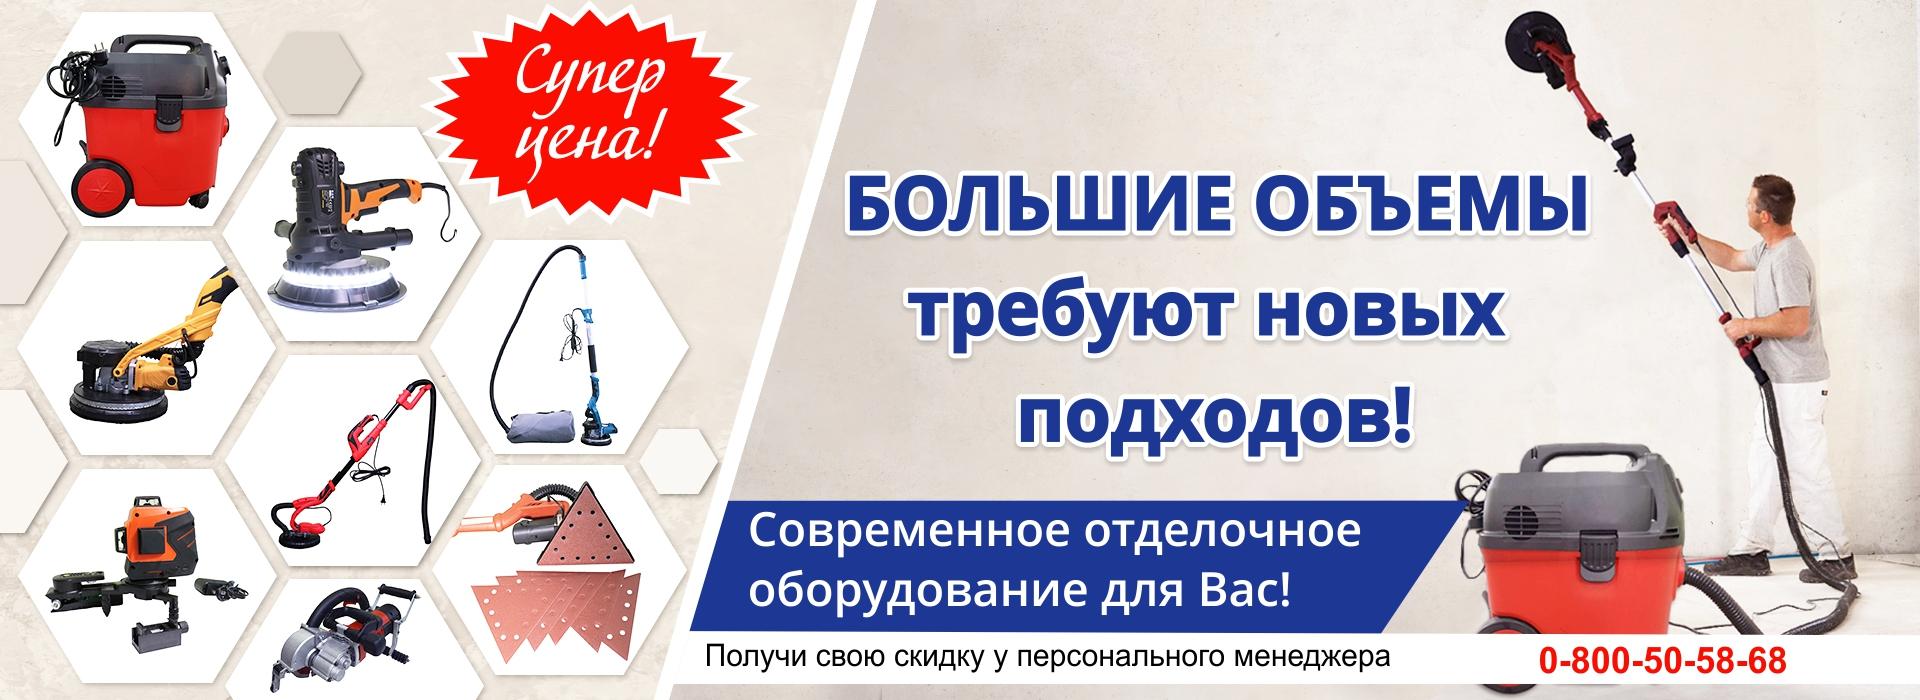 banner_otdelochnije_august_2020